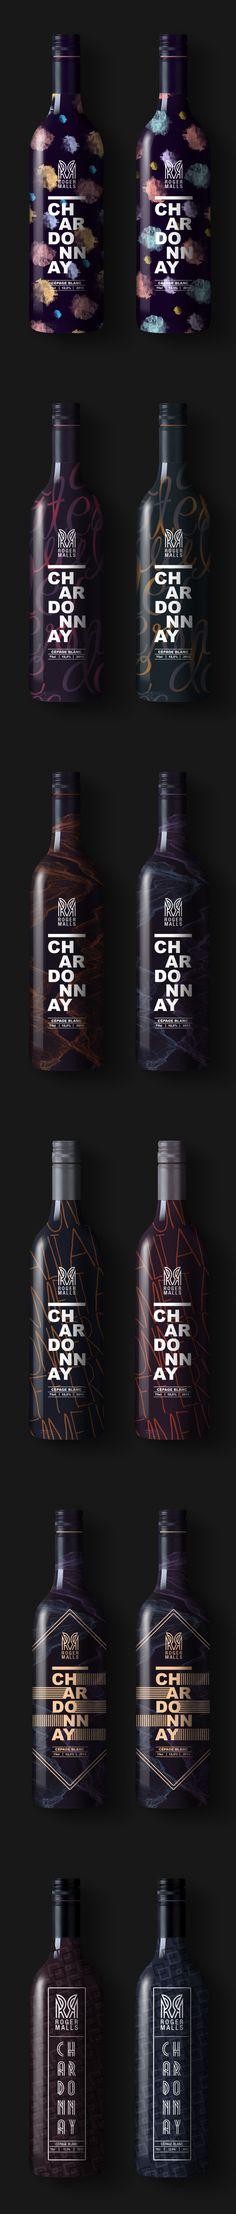 Roger Malls wine bottles by Thømas Adnet